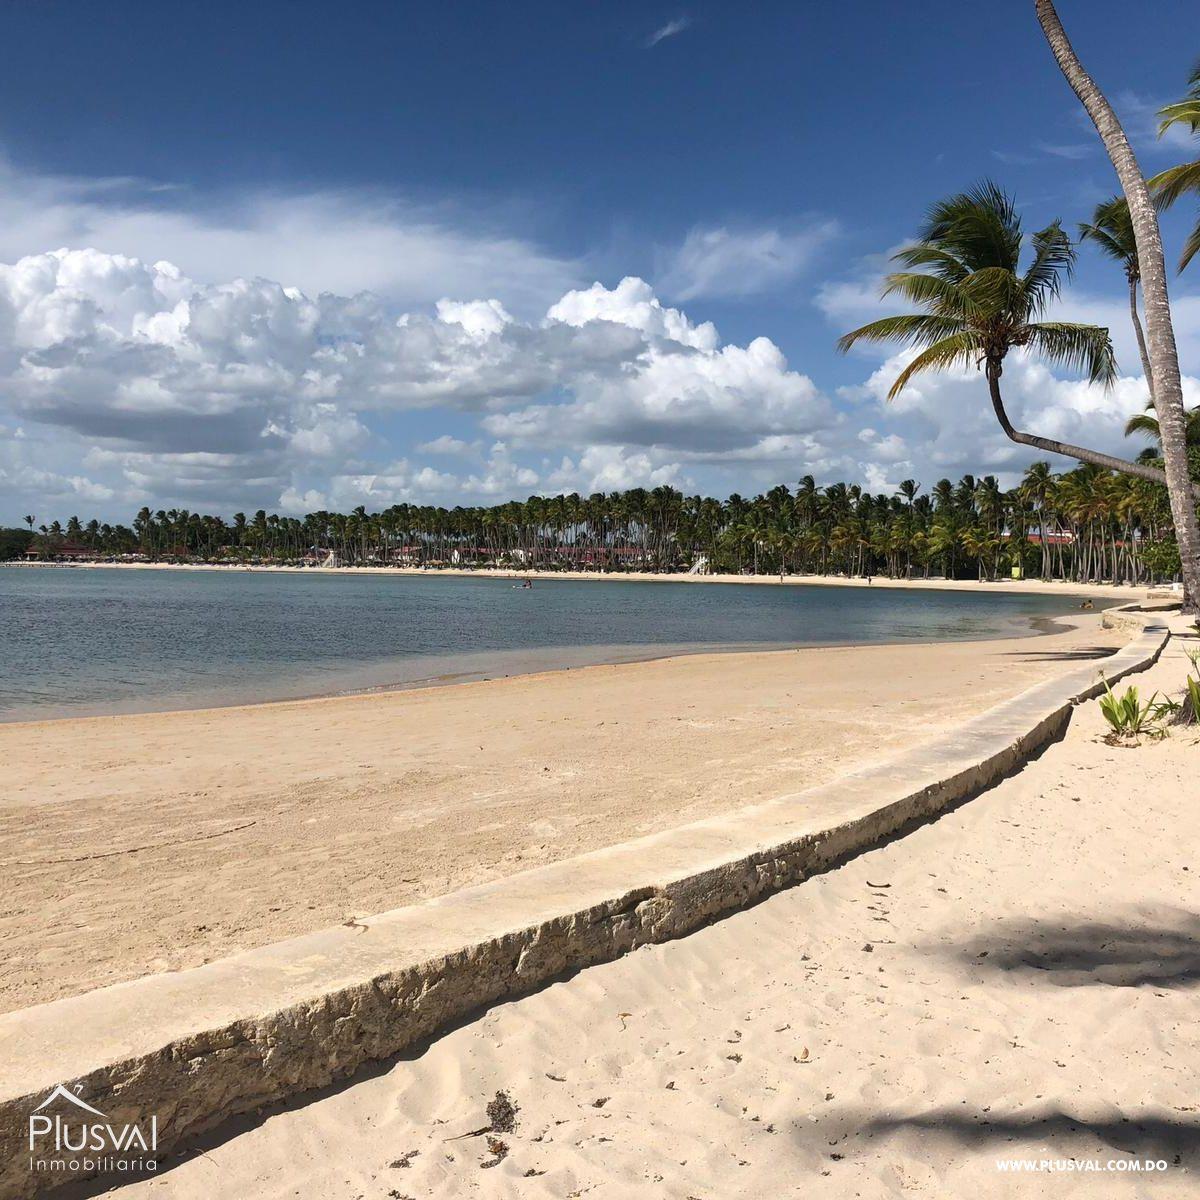 Apartamento de 2 habs en venta, en primera linea de playa La Romana 148322